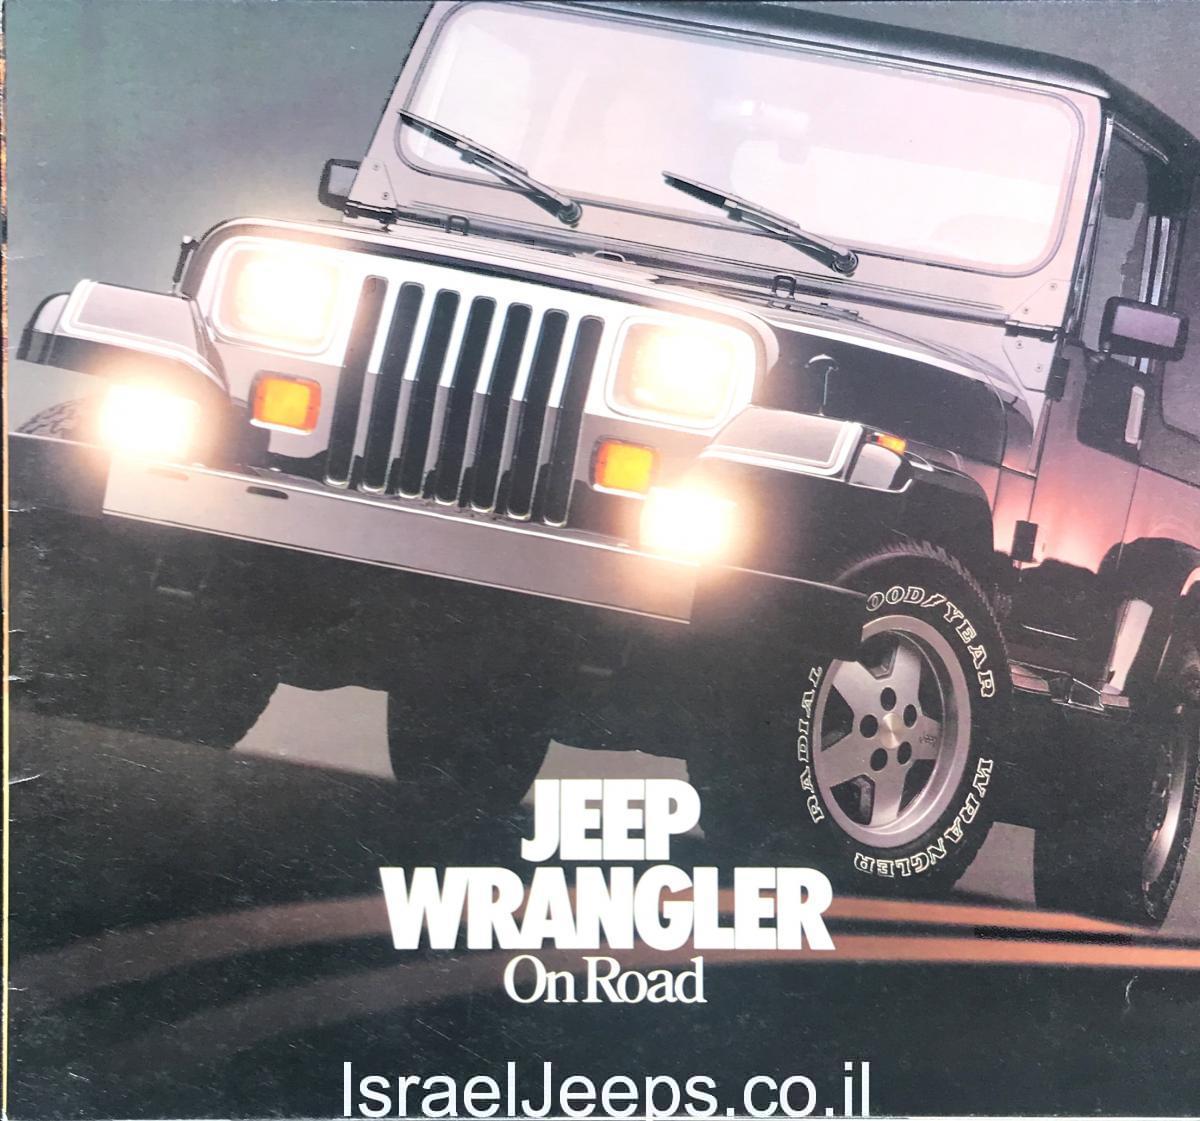 ג'יפ רנגלר Jeep Wrangler